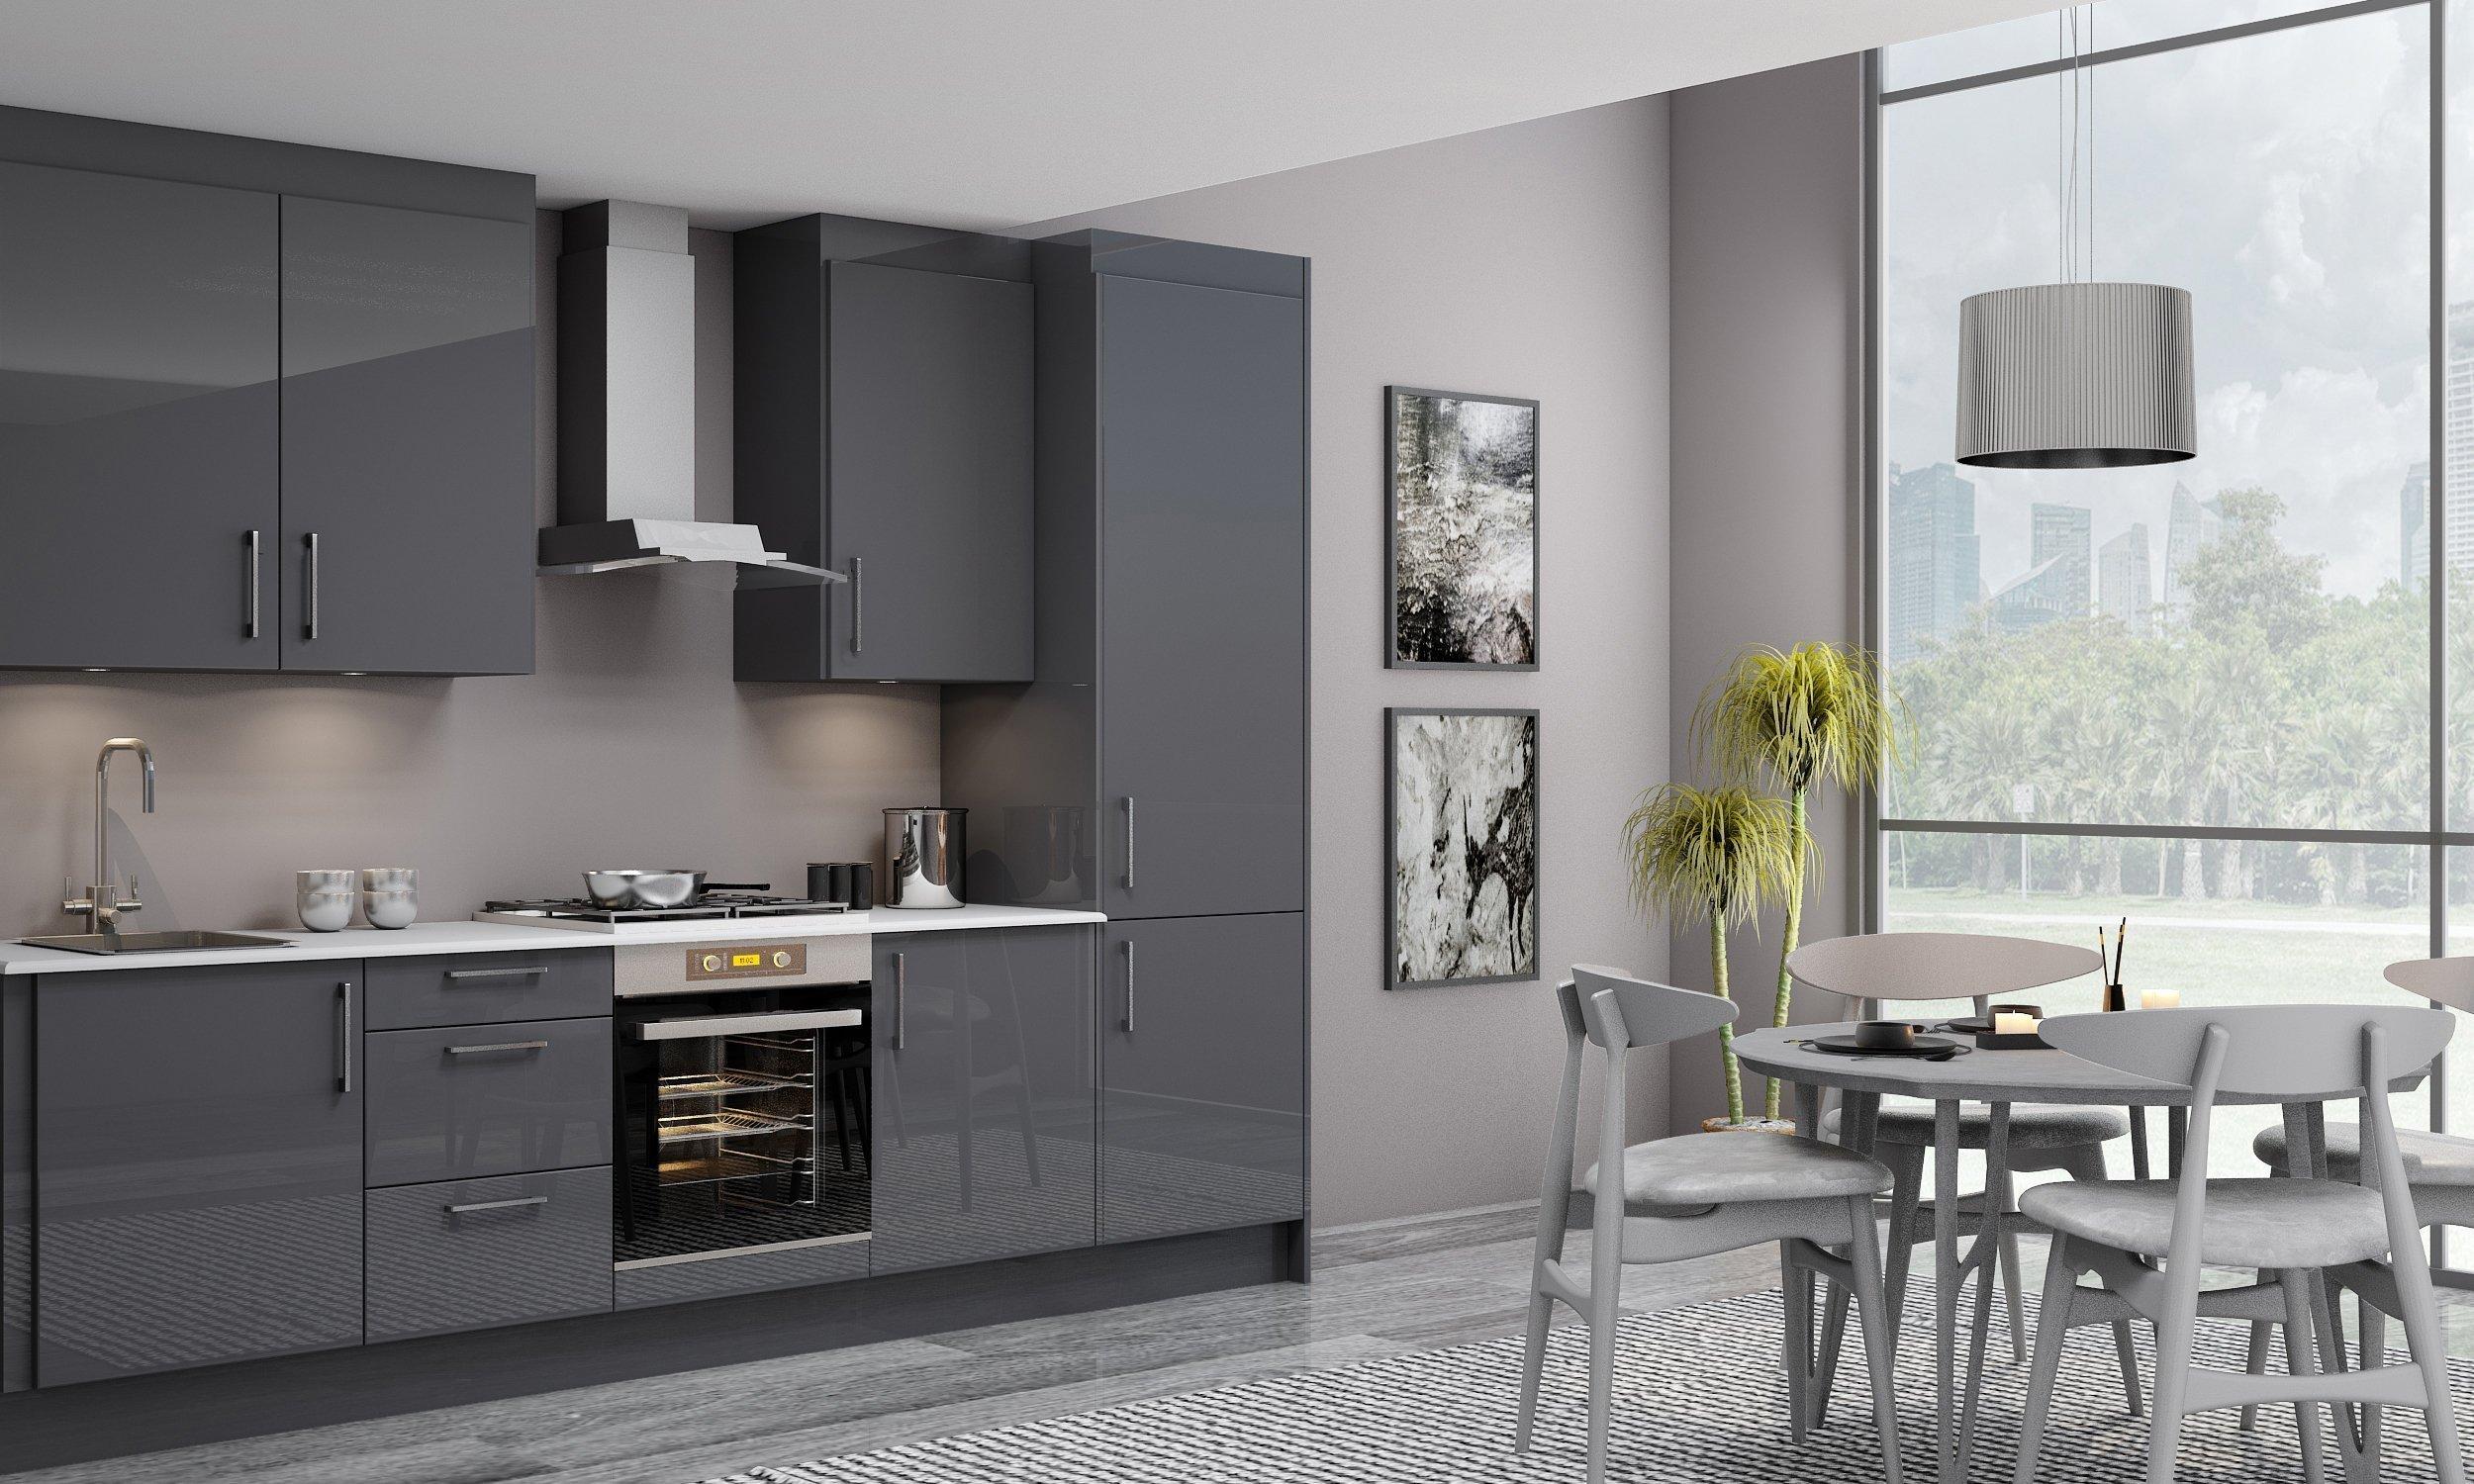 10ft Easyline Kitchen With Handle in Dark Grey Matt Finish